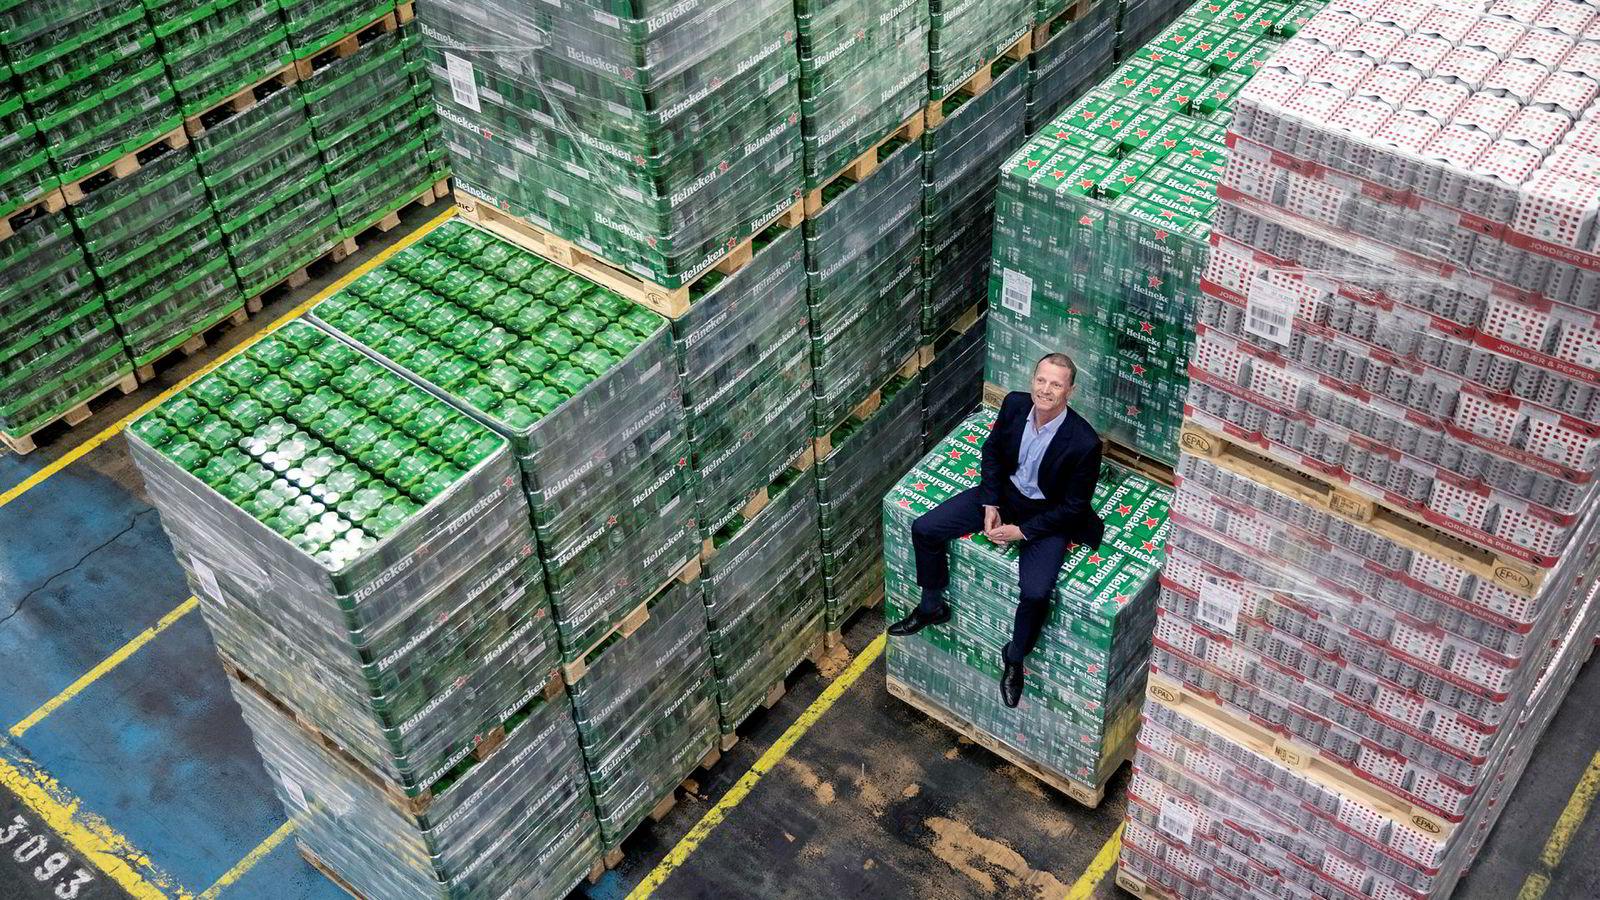 I produksjonshallen til Hansa Borg bryggerier på Kokstad i Bergen lages det industripils i stor skala. Lars Giil er ny toppsjef i det tradisjonsrike bryggeriet.